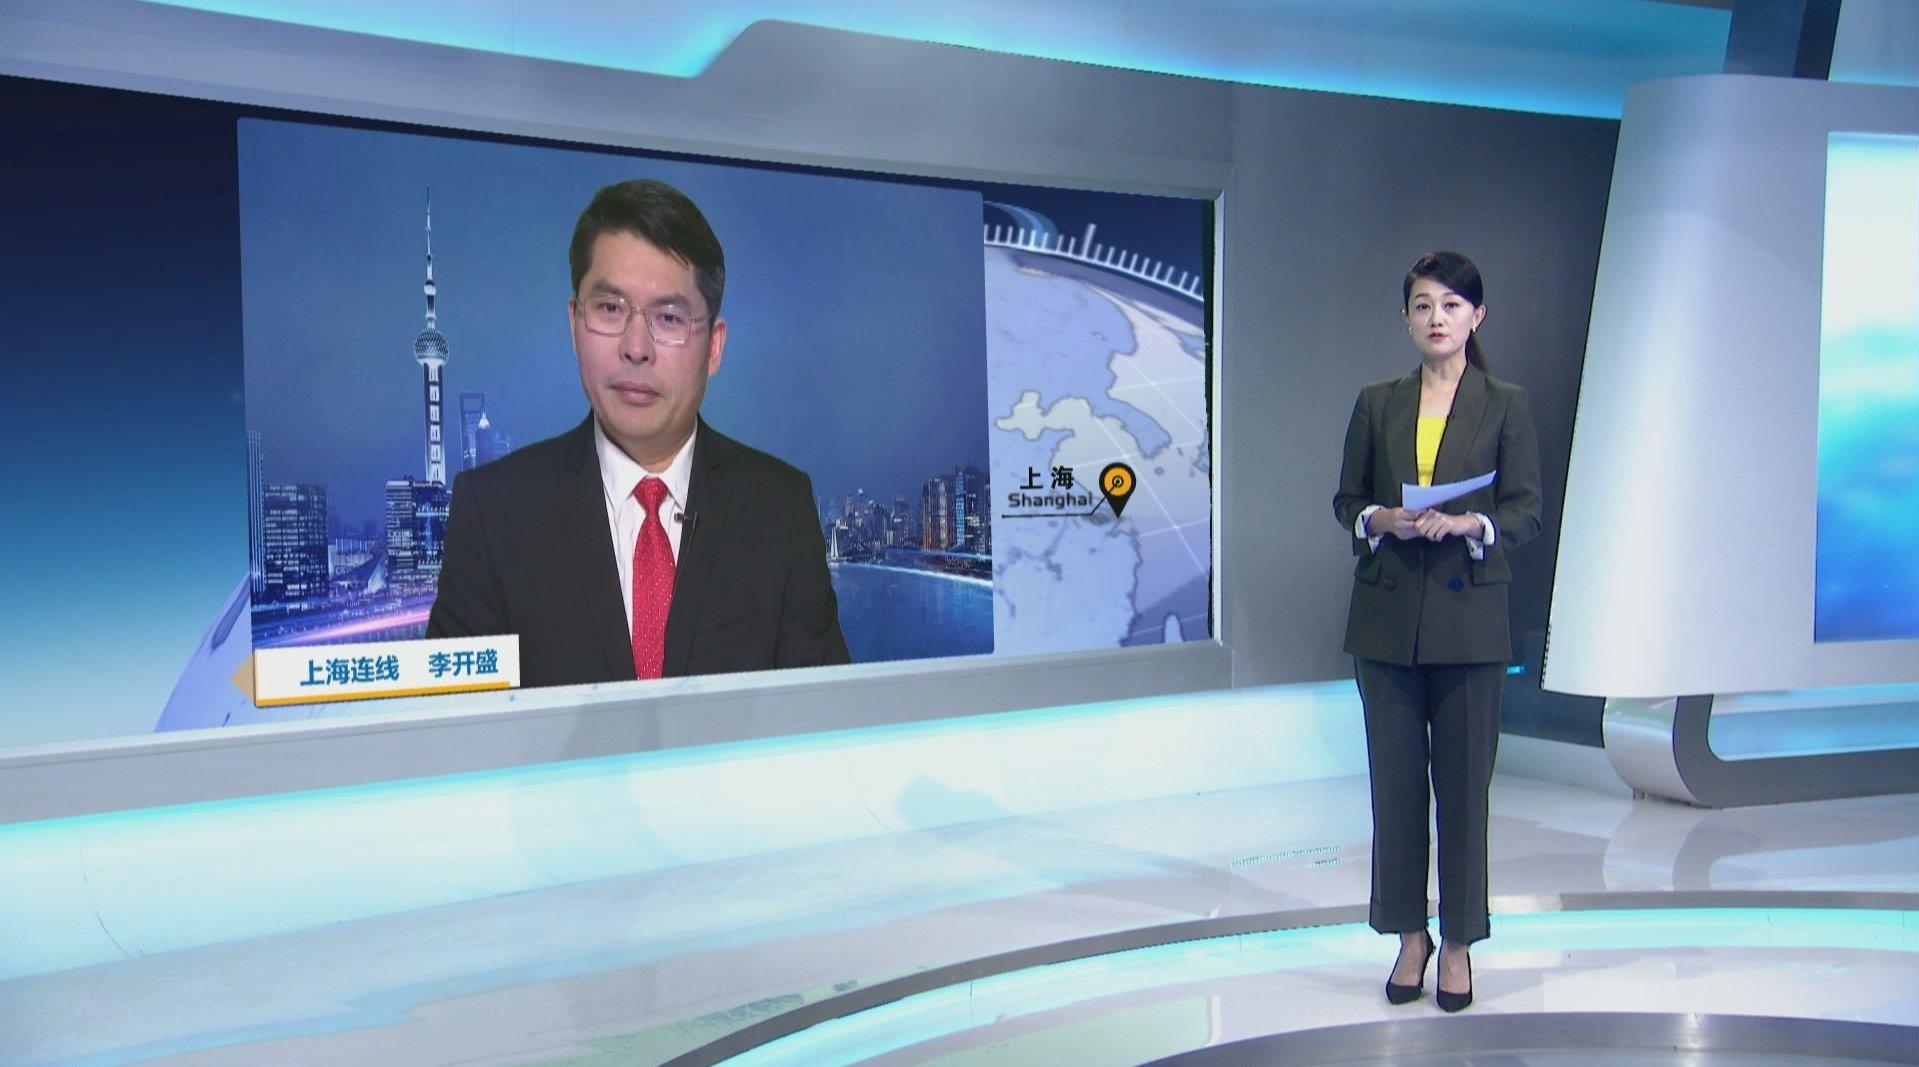 李开盛:朝鲜不惧特朗普威胁 美极限施压政策破产